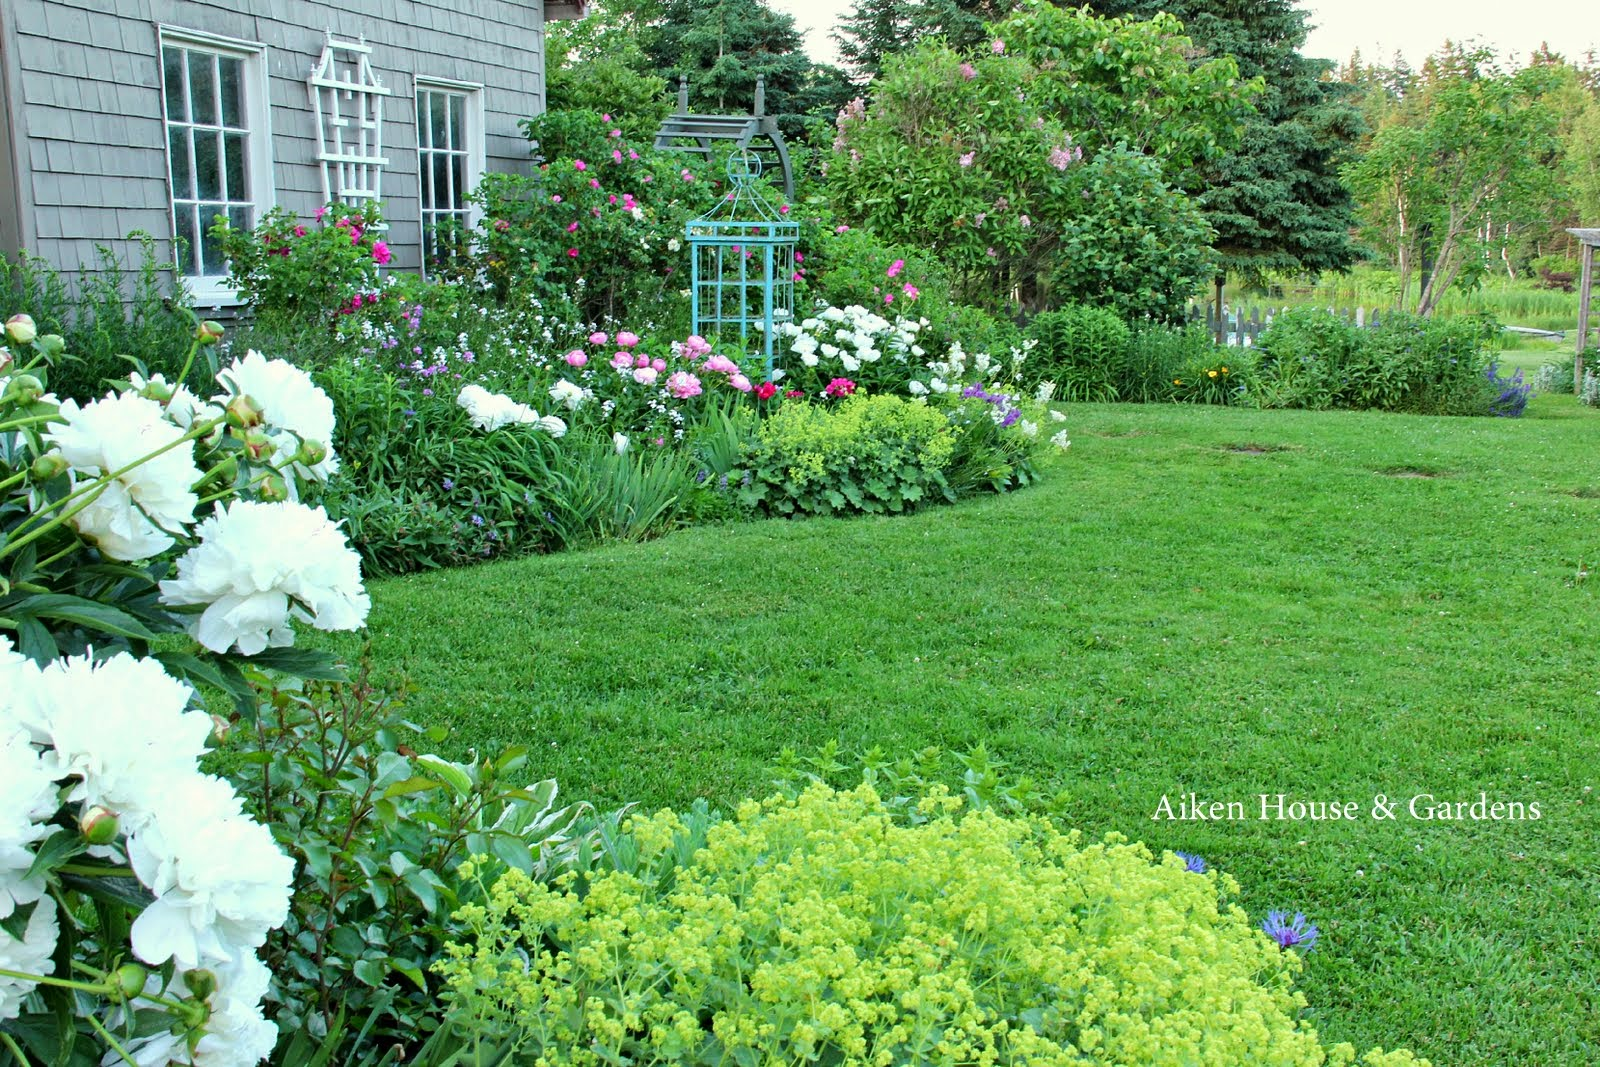 Aiken House Gardens In an English Country Garden